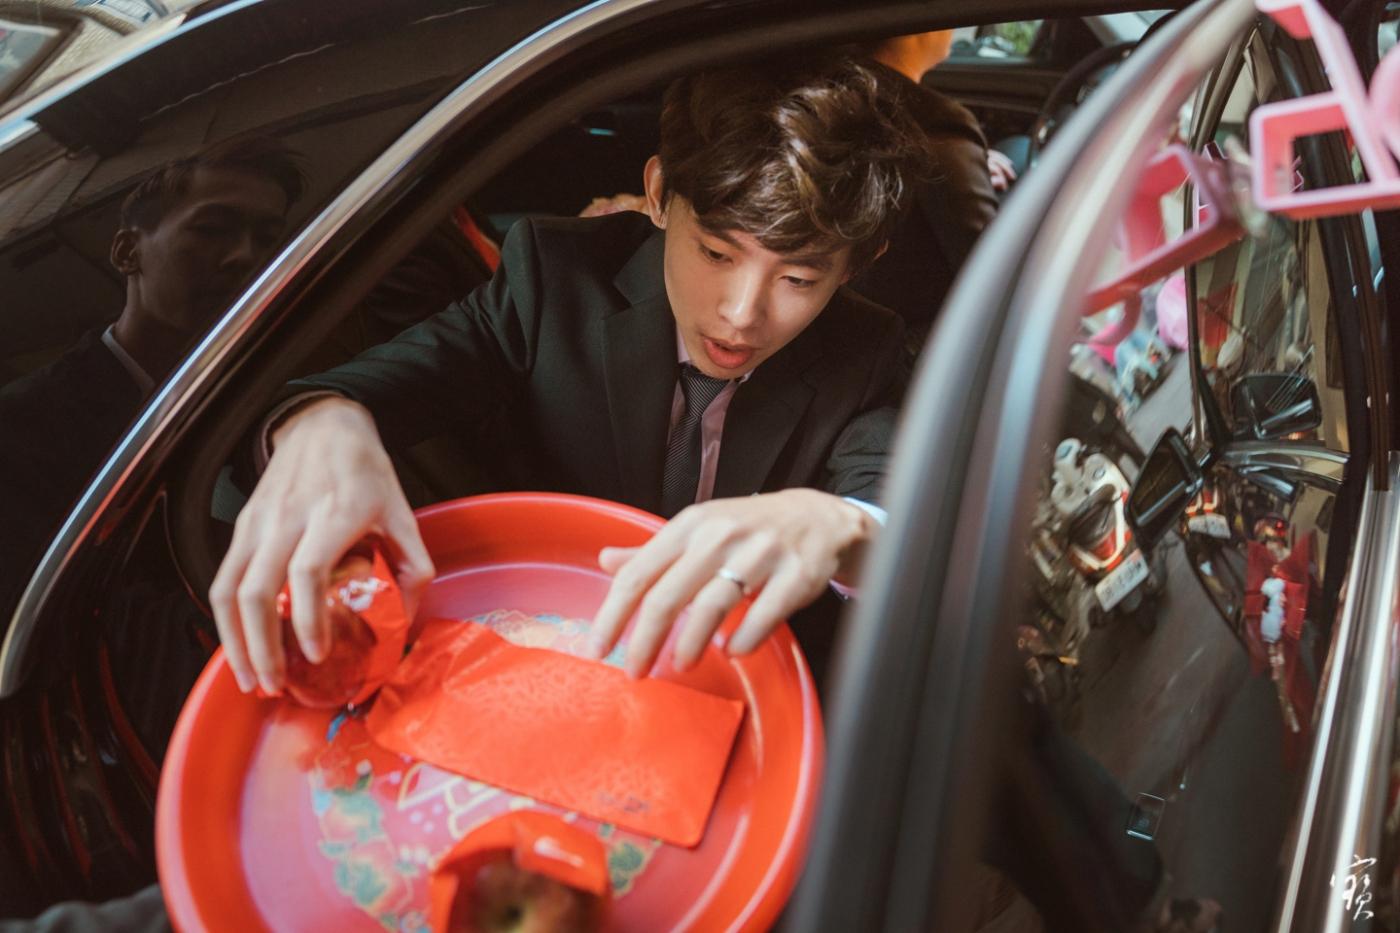 婚禮攝影 新竹彭園 冬伴影像 攝影師大寶 婚紗攝影 新娘新郎 早儀午宴20181125-35